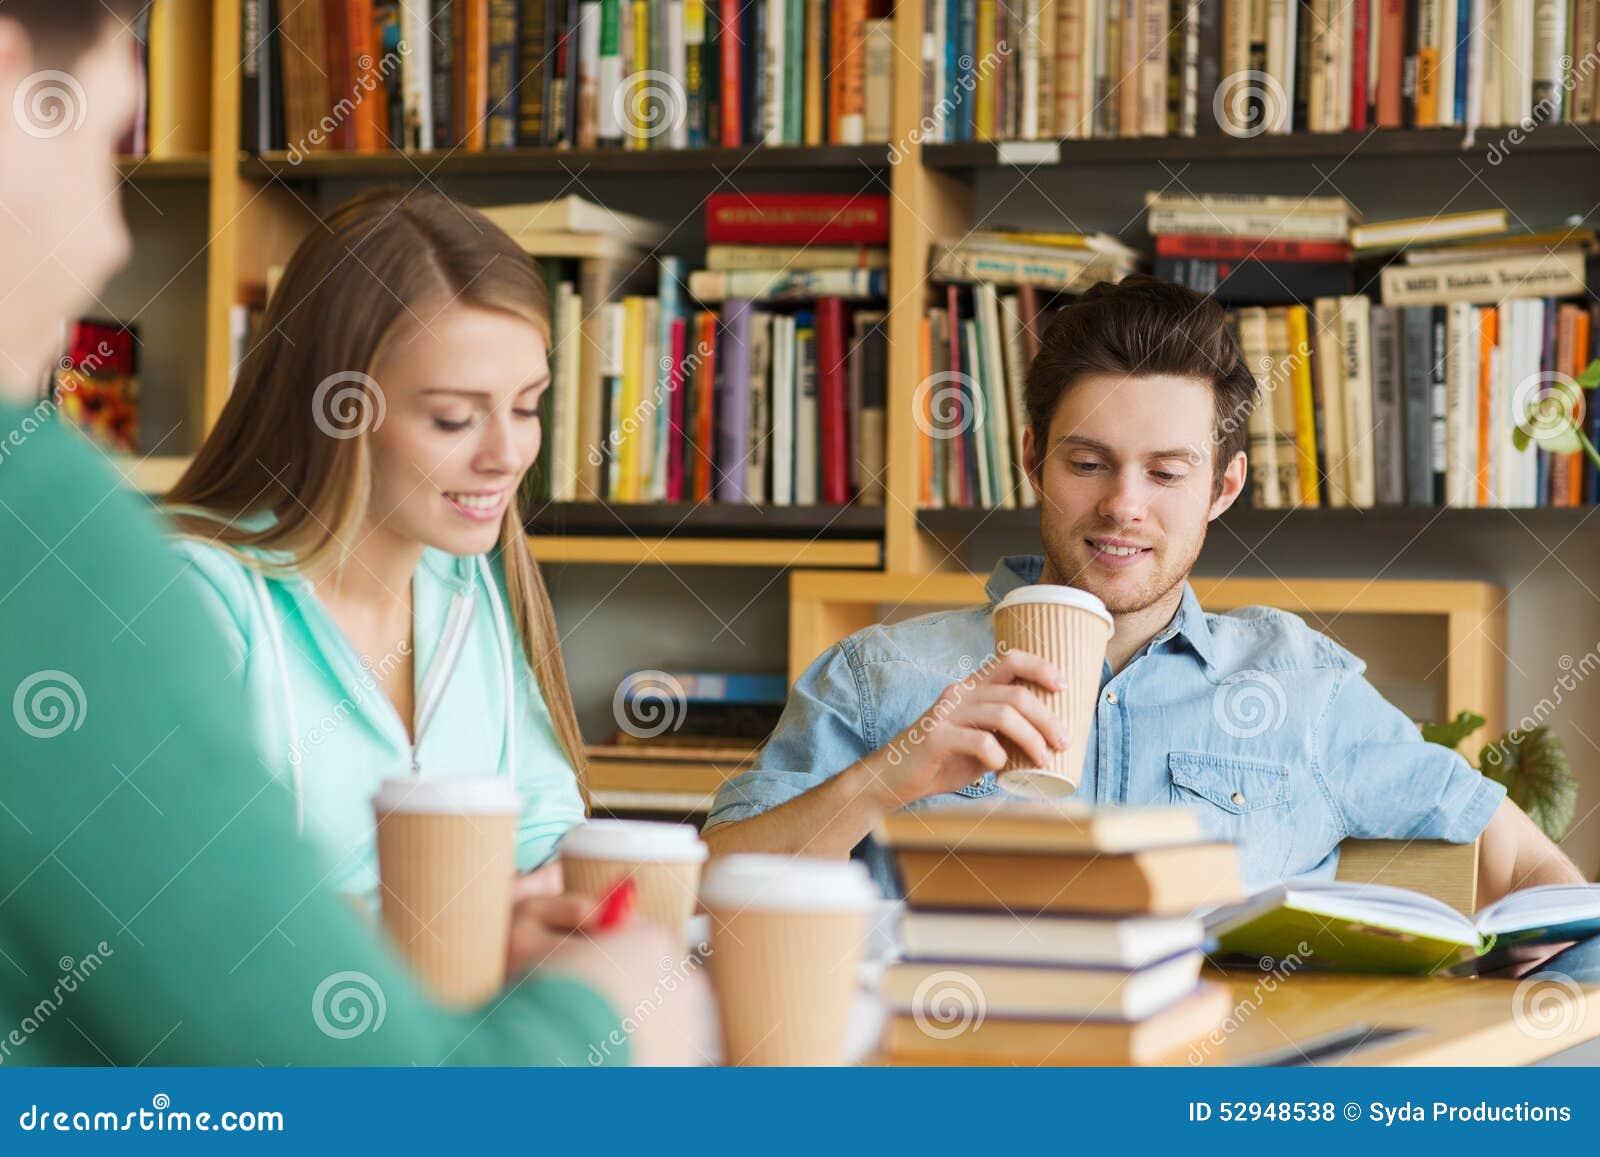 Studenti che leggono e che bevono caffè in biblioteca